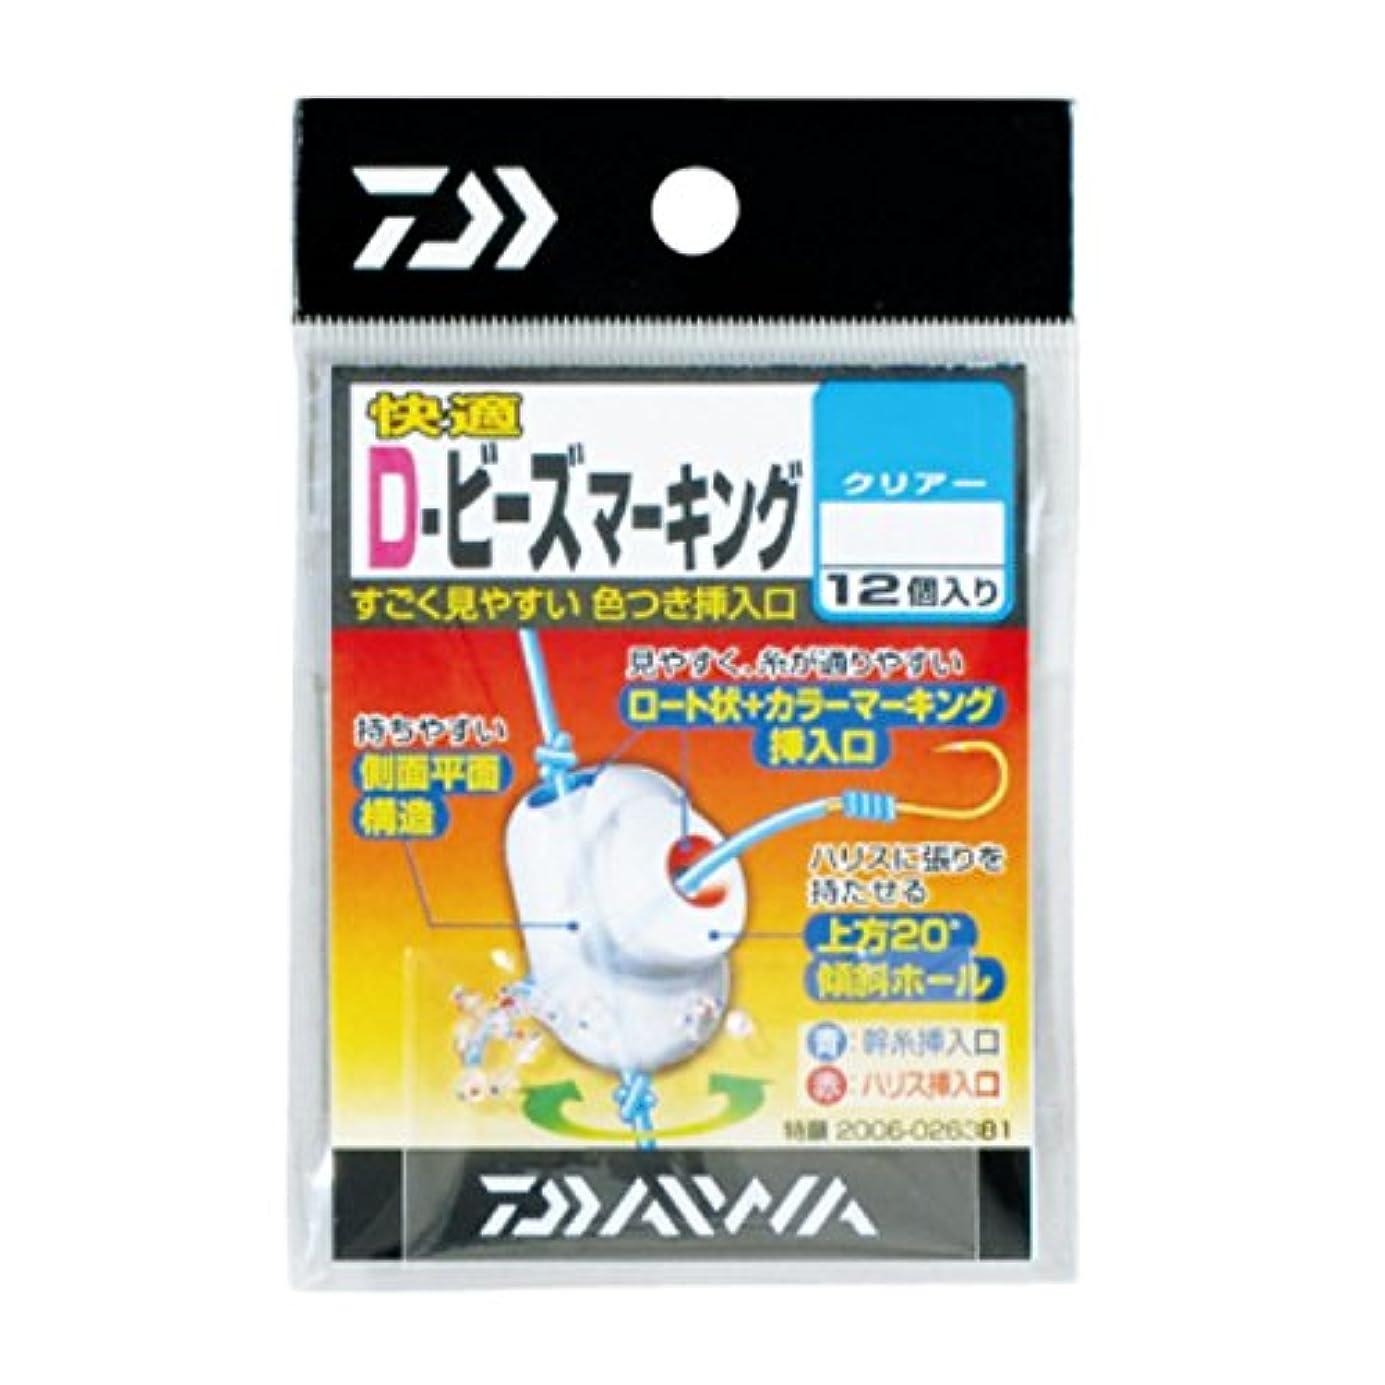 減らすおとなしい製油所ダイワ(Daiwa) ビーズマーキング 快適 D-ビーズマーキング クリヤーM 710855